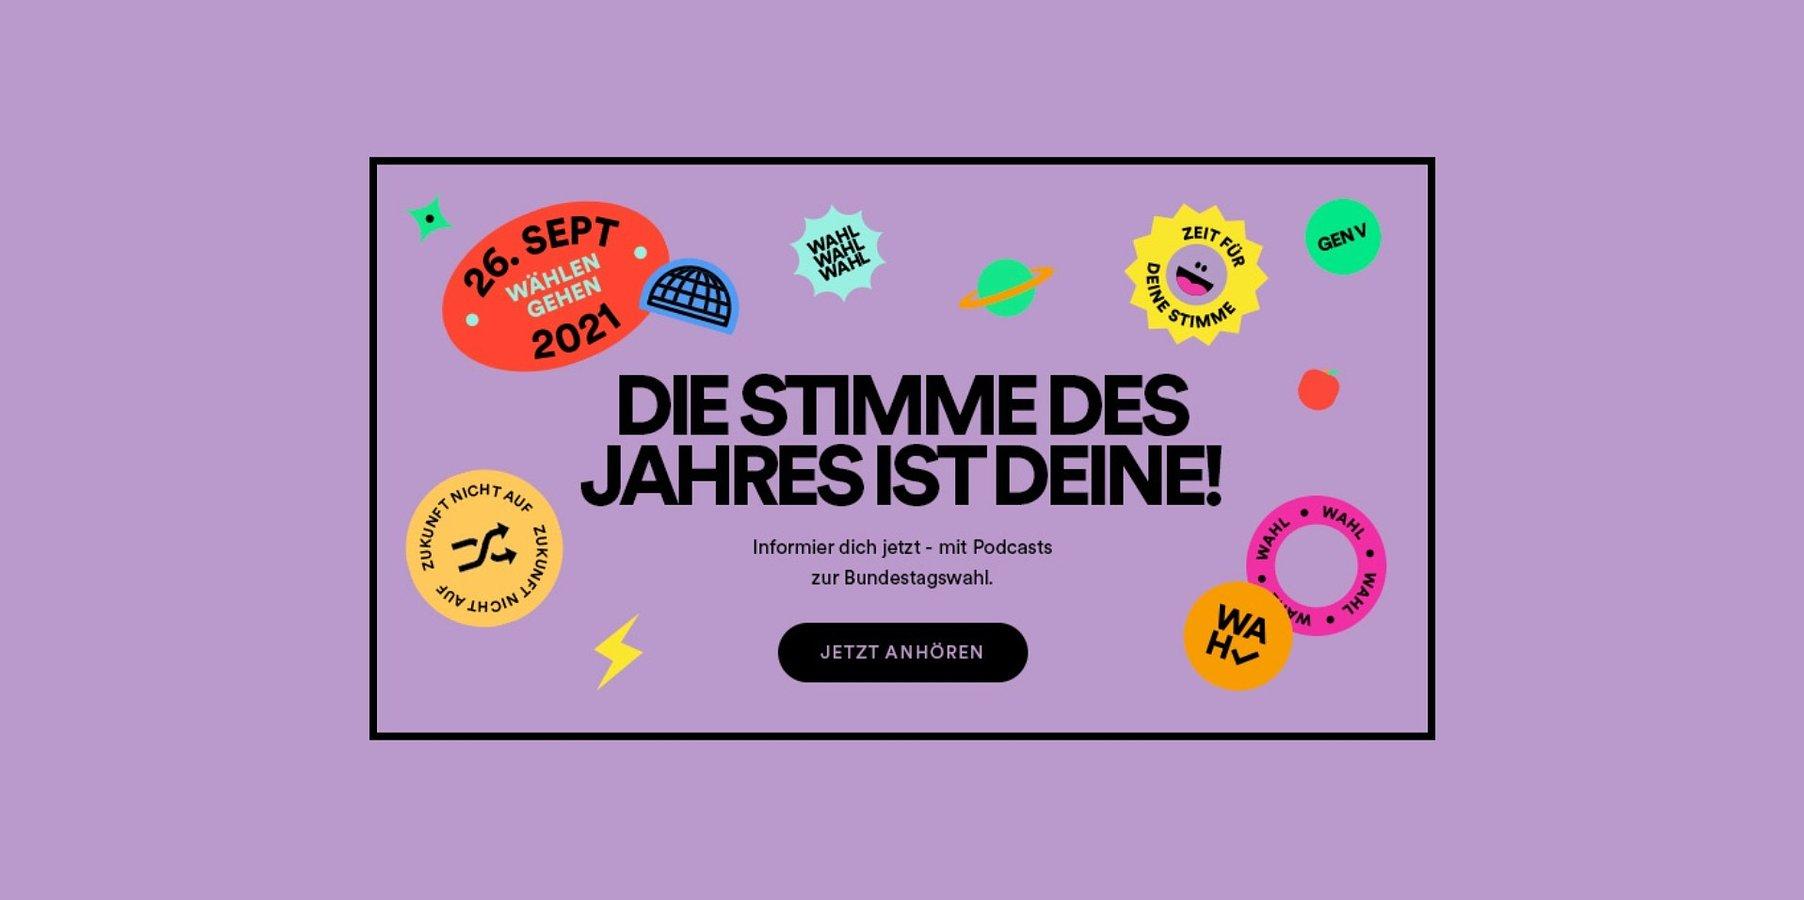 Spotify ruft zur Stimmabgabe bei der Bundestagswahl auf